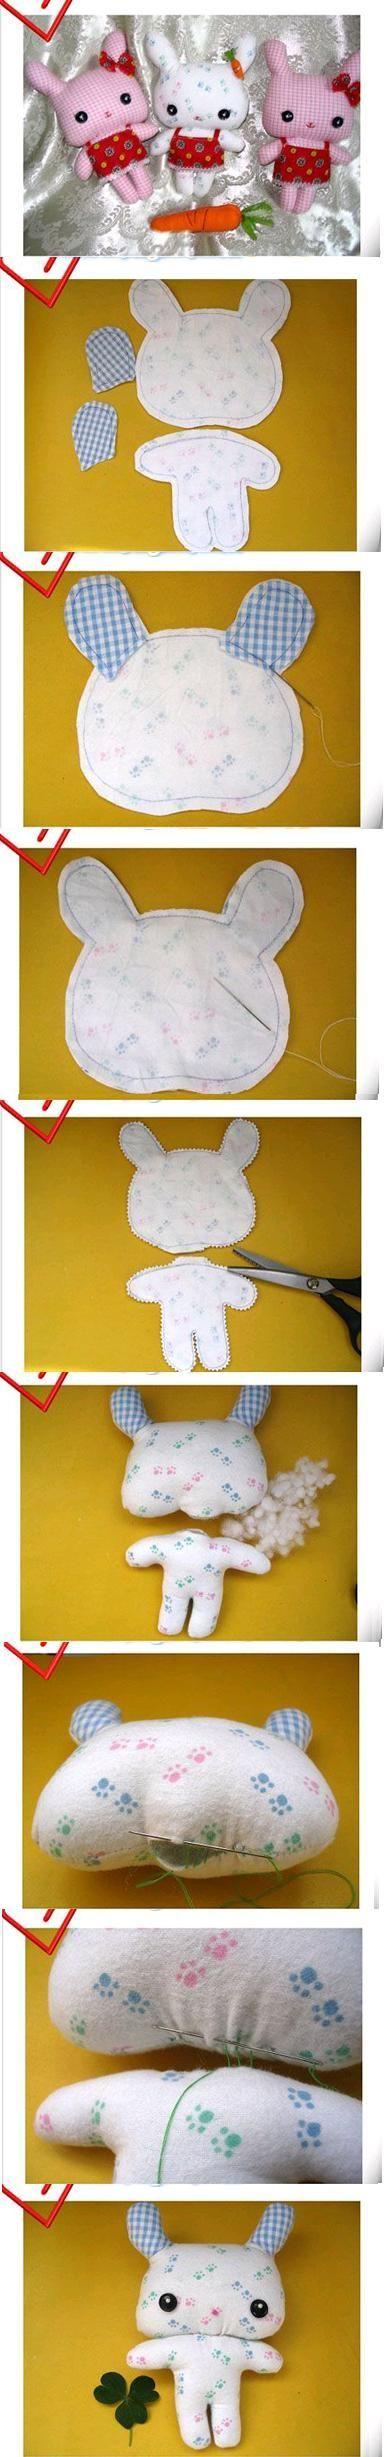 DIY Cute Fabric Bunny: